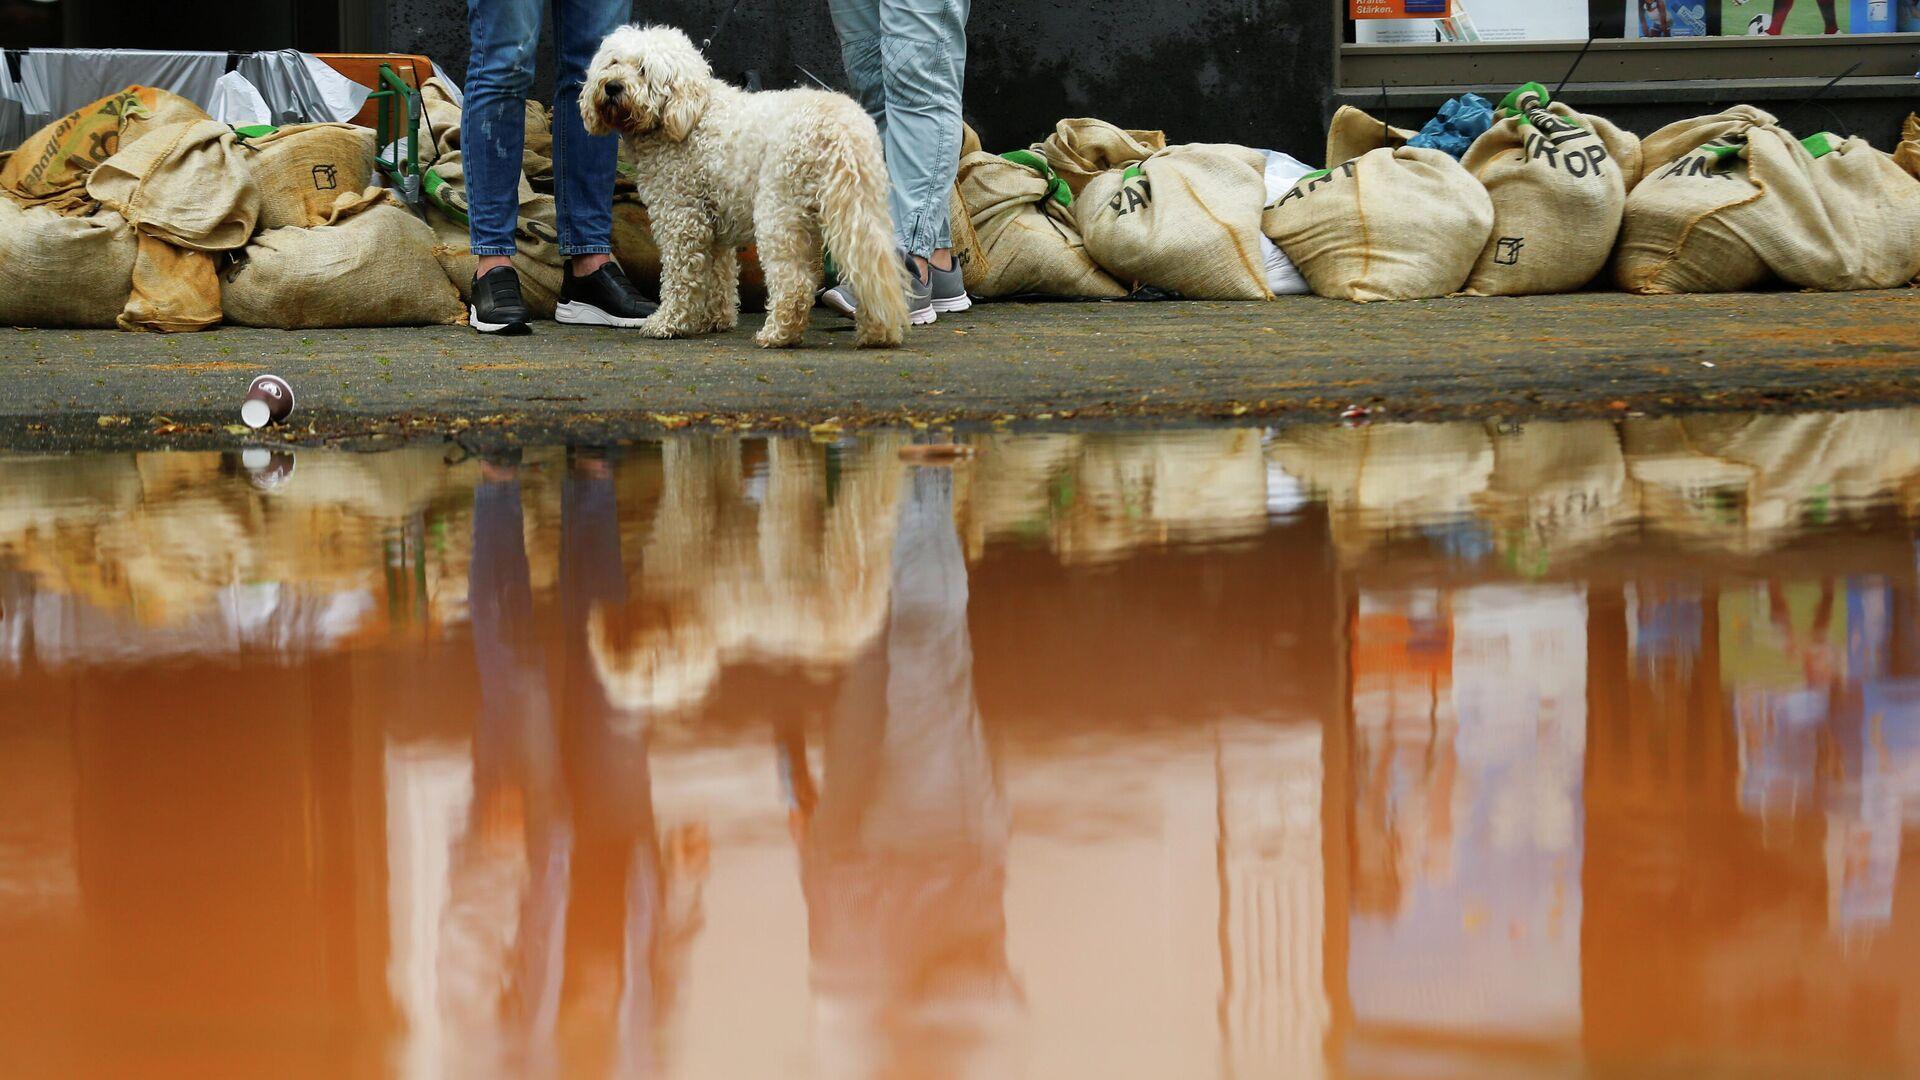 Собака стоит рядом с мешками с песком на затопленной улице после проливных дождей в Эрфтштадте, Германия - РИА Новости, 1920, 21.07.2021